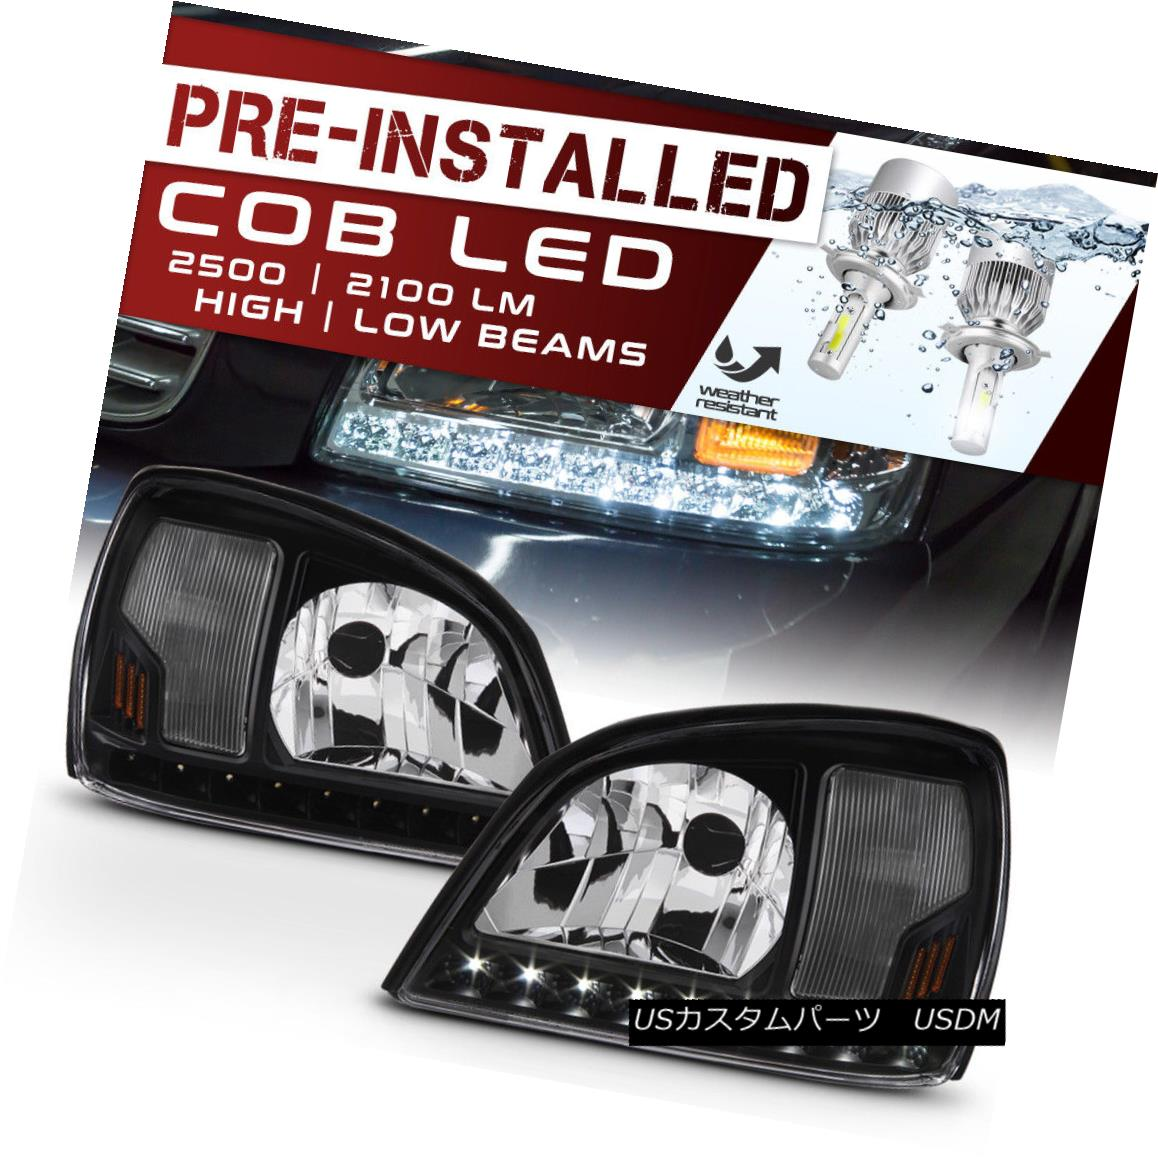 ヘッドライト [CREE LED Low Beam Bulbs] 00-05 Cadillac DeVille Factory Style Black Headlight [CREE LEDロービーム電球] 00-05 Cadillac DeVilleファクトリースタイルブラックヘッドライト